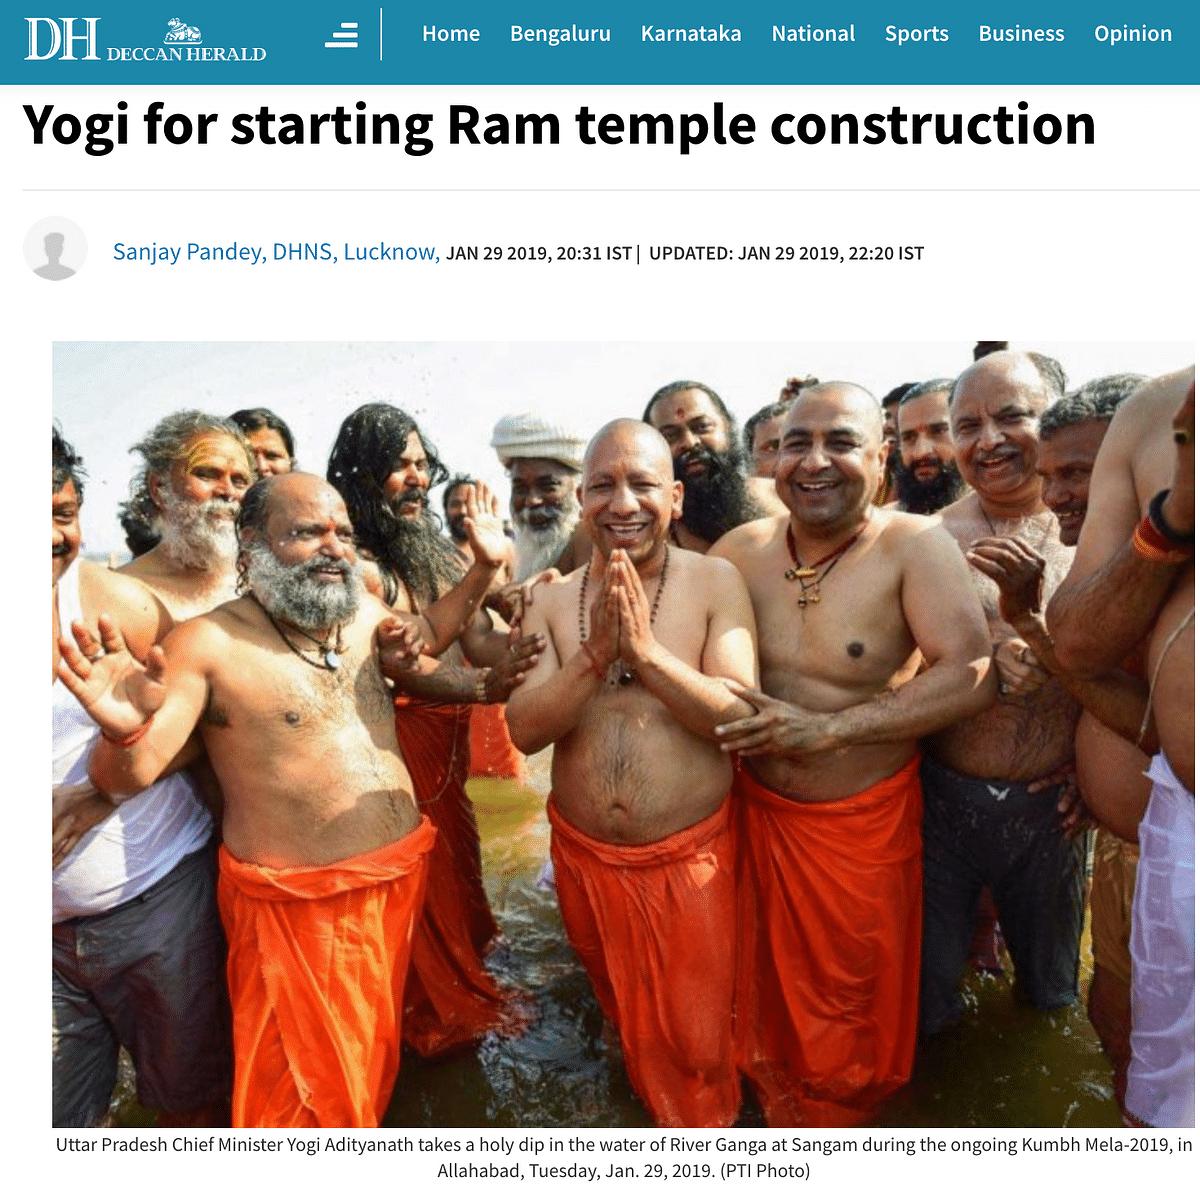 Old Pic of Yogi at Kumbh Mela Falsely Linked to Him Testing COVID+